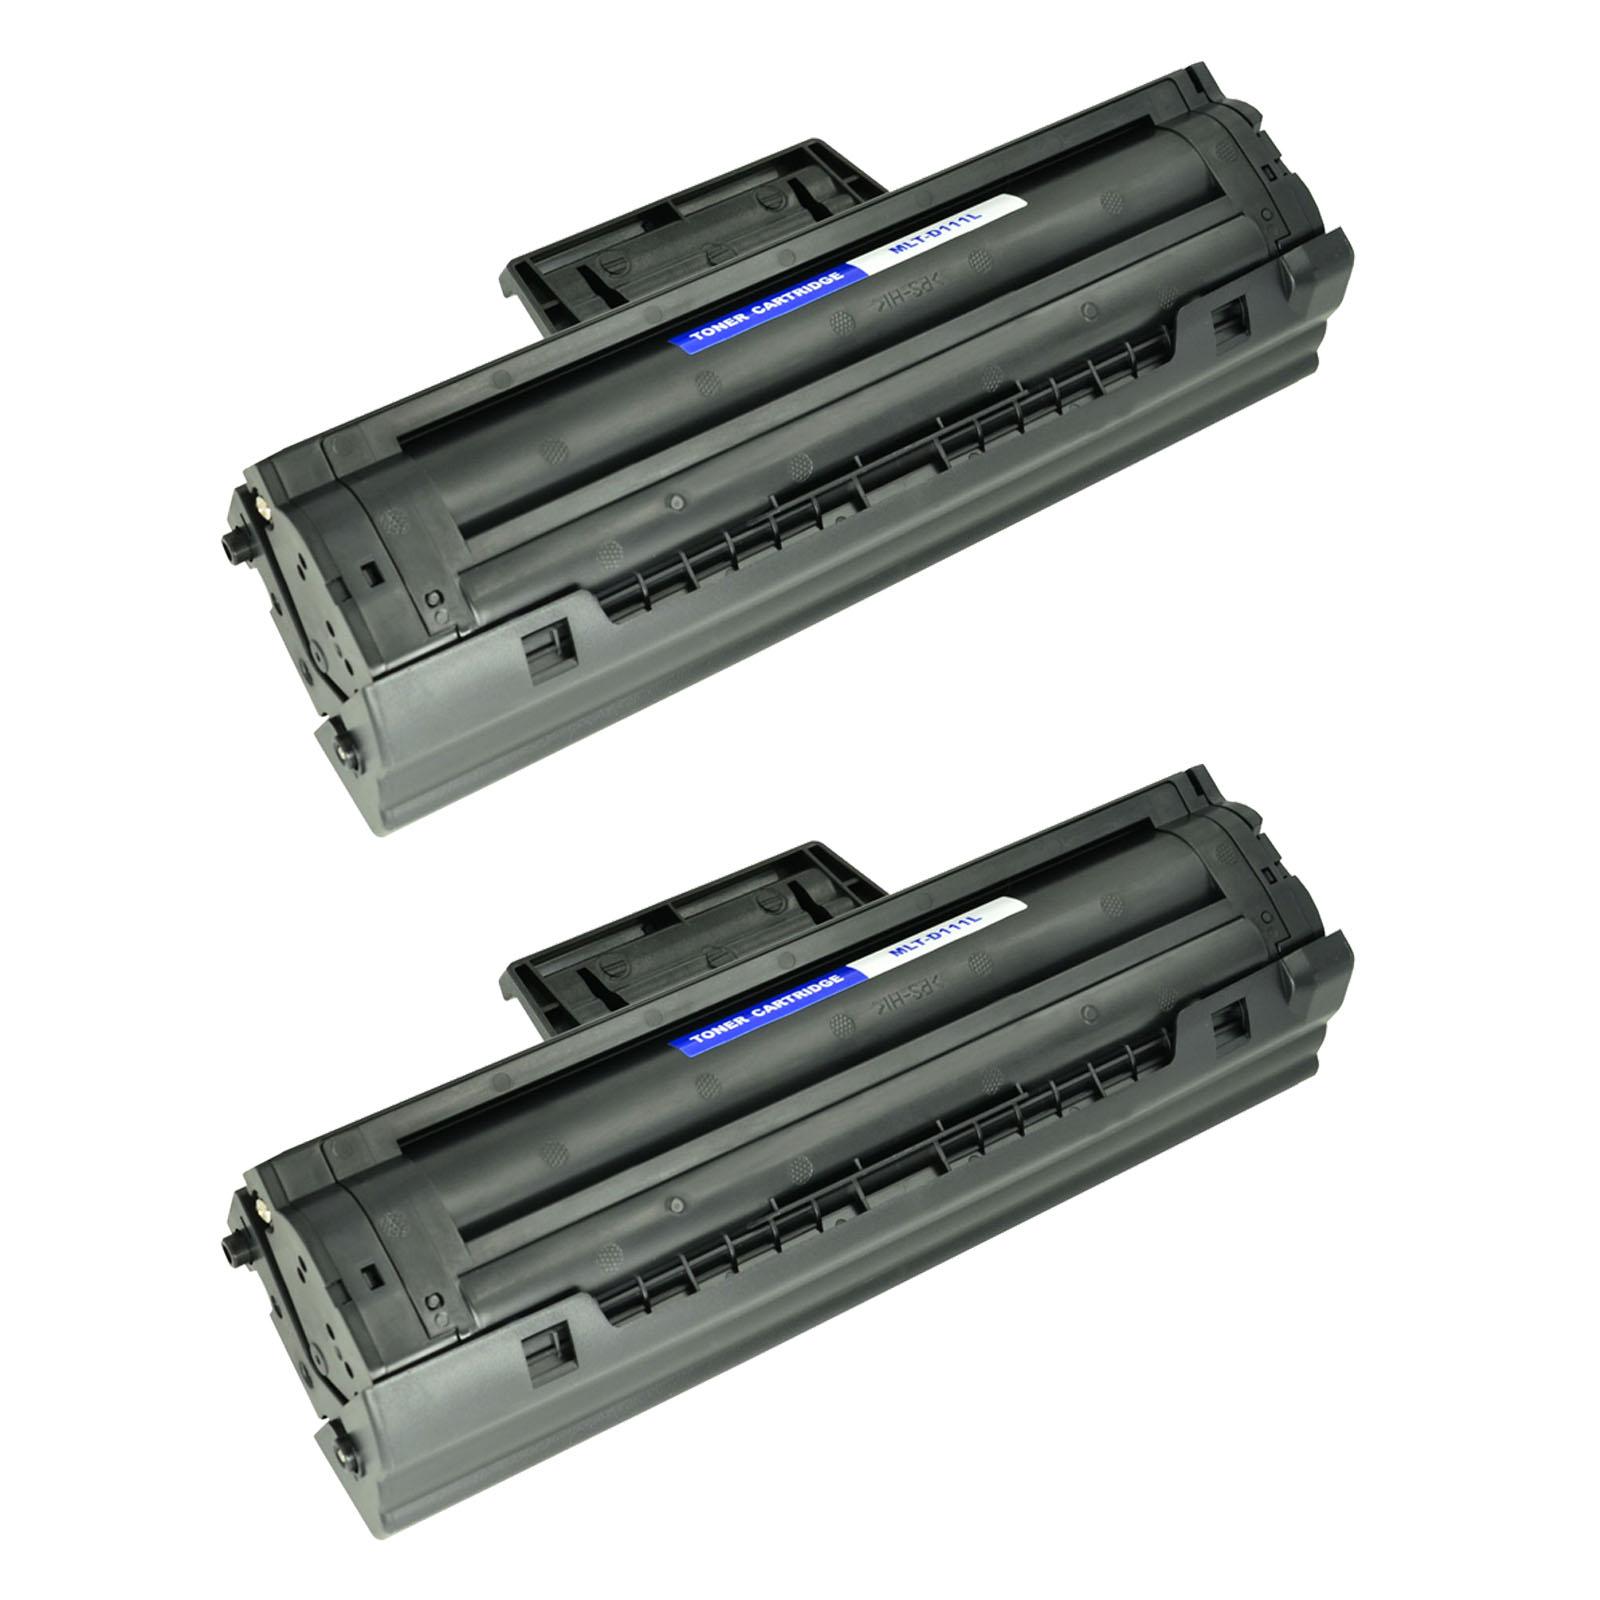 2PK MLT-D111L Black Toner Cartridge Fit For Samsung SL-M2020 SL-M2024W SL-M2020W